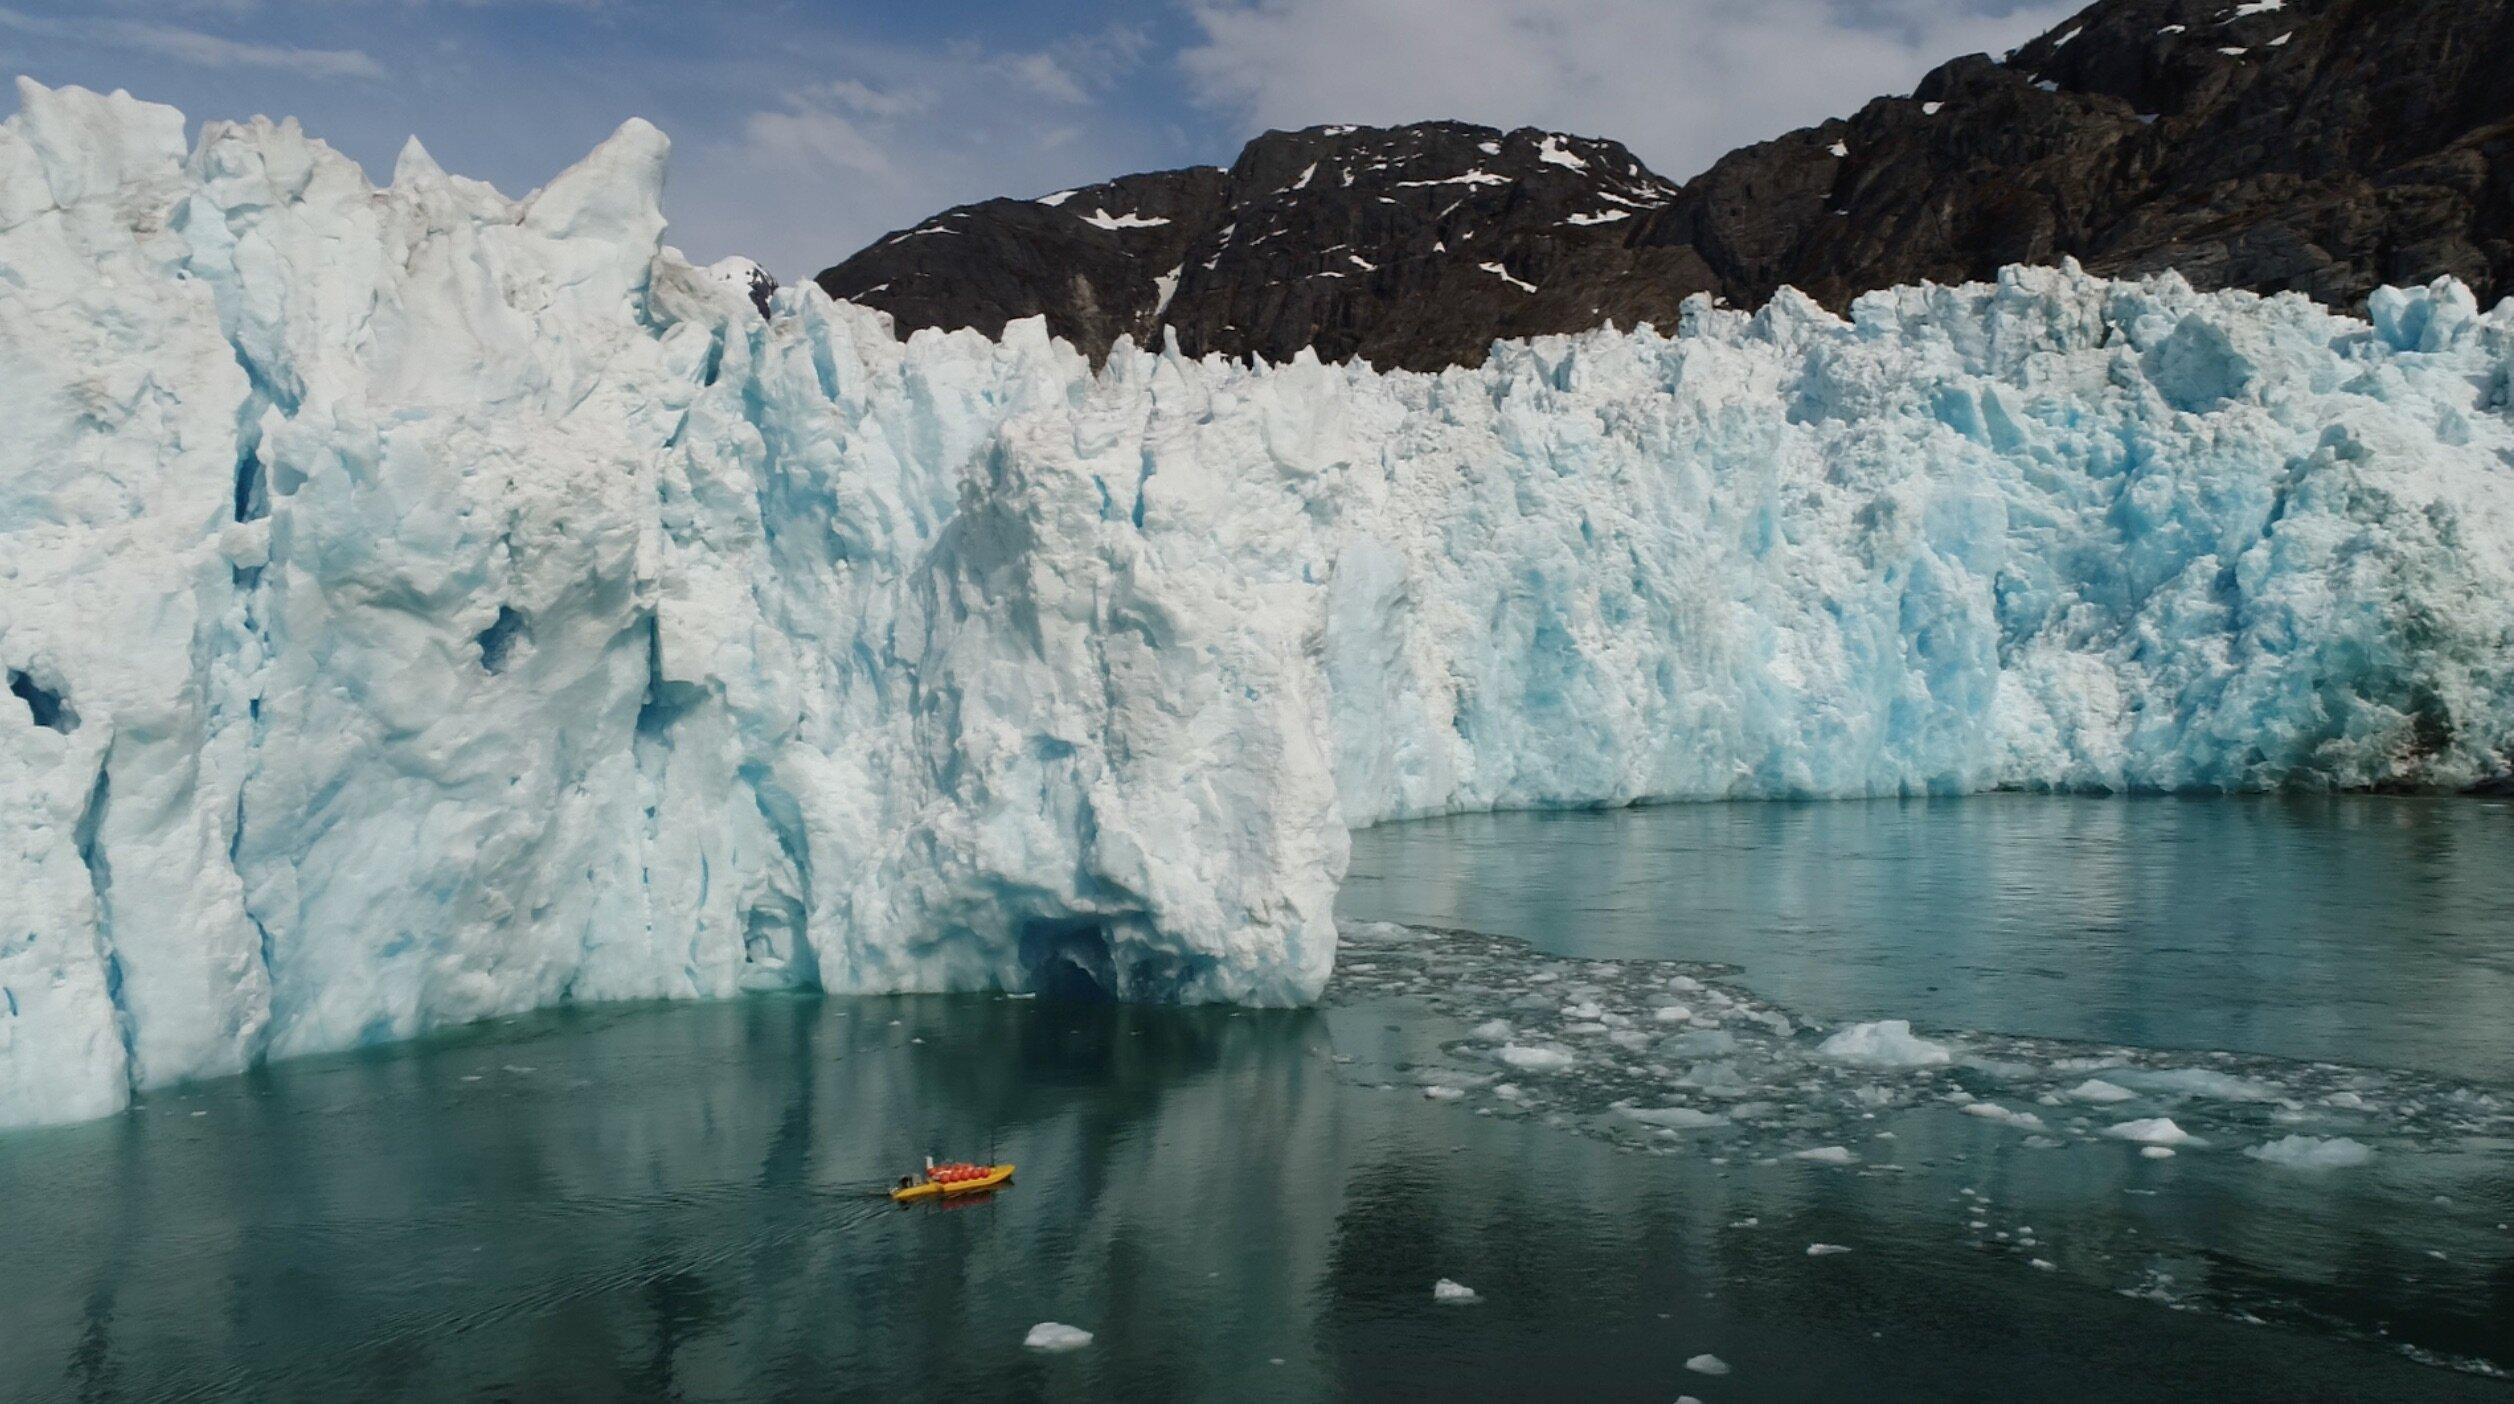 Laut transgresi umumnya terbentuk karena terjadi pencairan dari gletser gletser besar di kutub utara maupun selatan